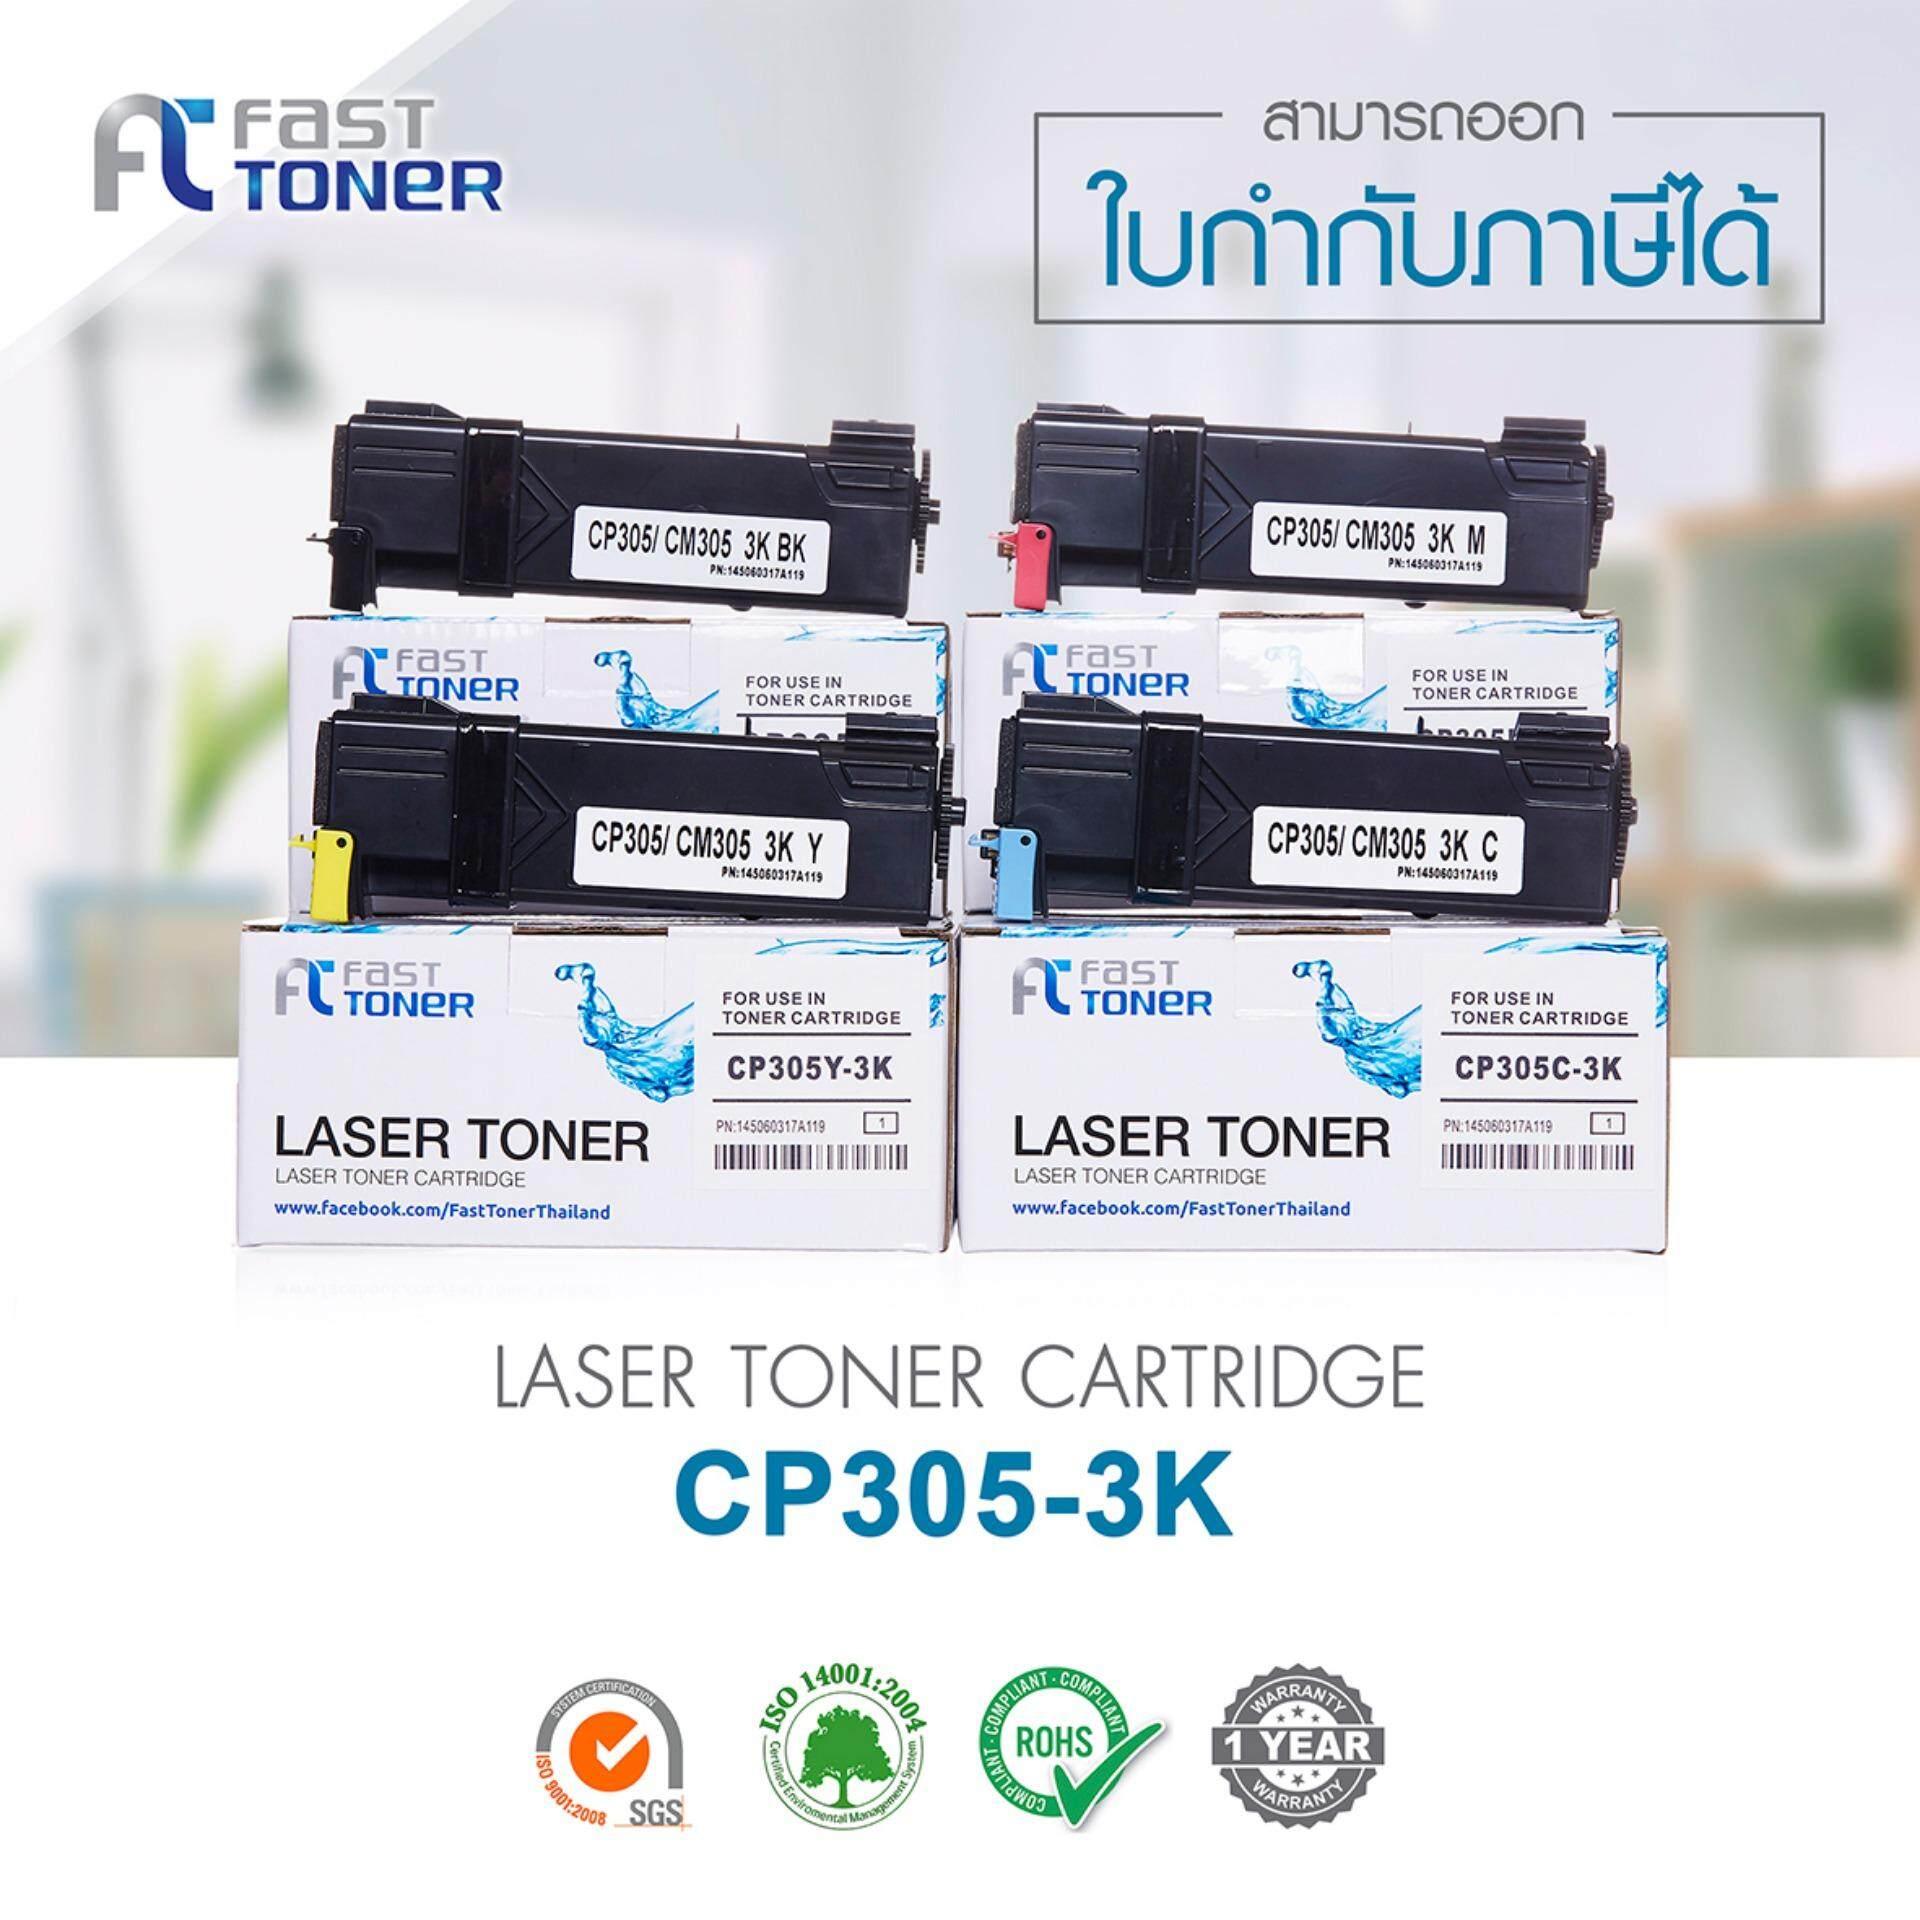 ราคา Fast Toner Laser Toner 4 ตลับหมึกเทียบเท่า Fuji Xerox Docuprint Cp305D Cm305Df สีดำ ฟ้า เหลือง แดง Fuji Xerox เป็นต้นฉบับ